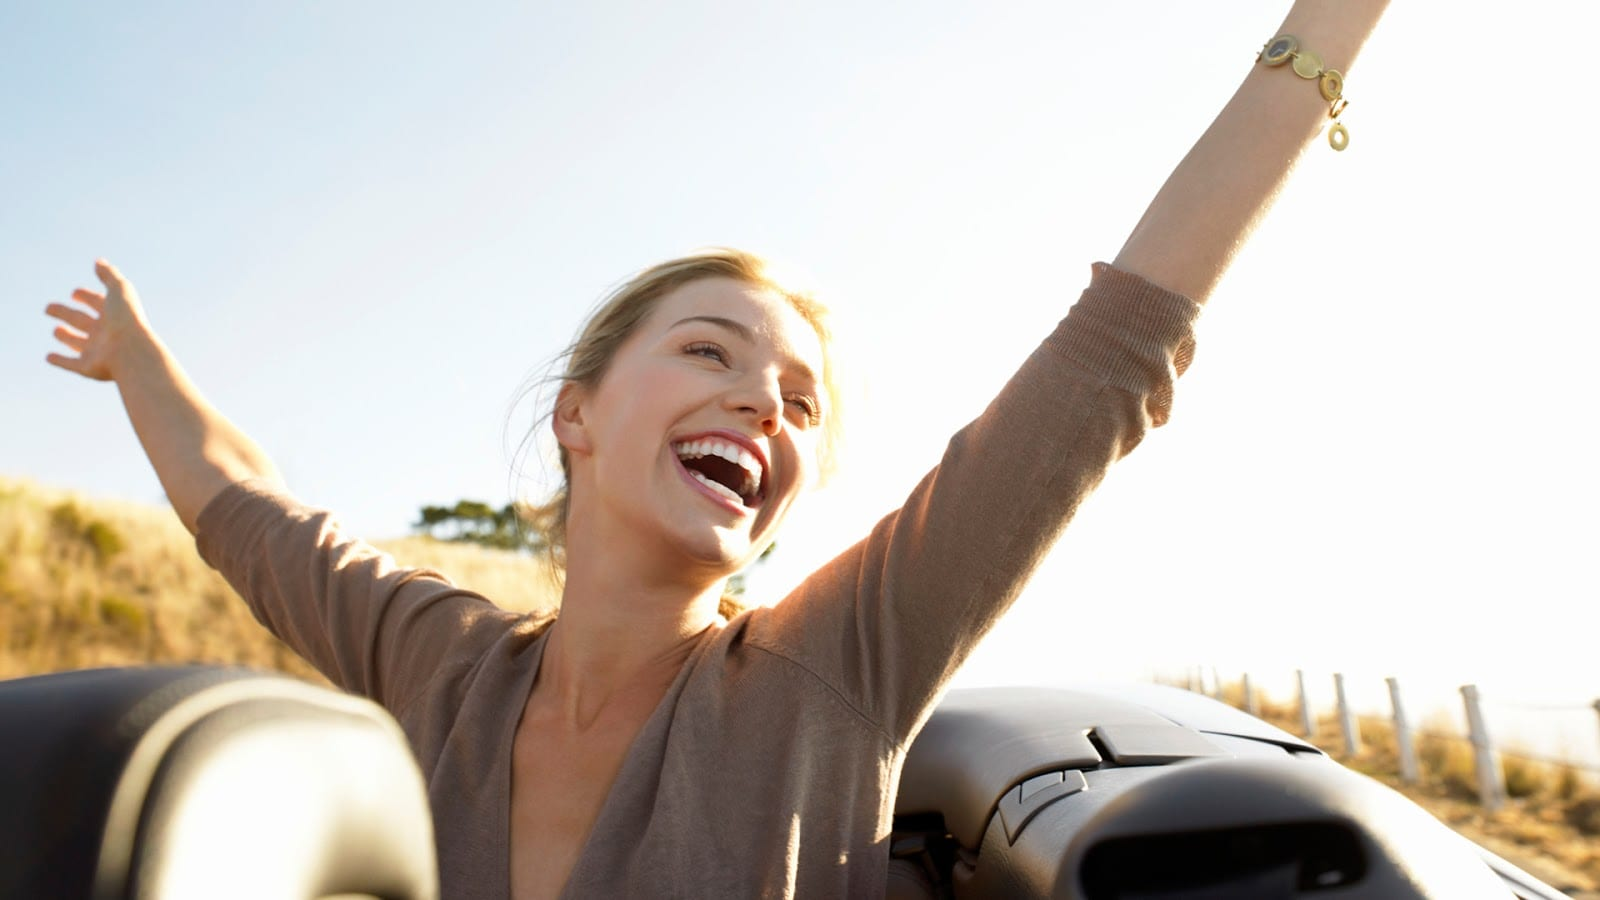 Essas 7 dicas simples que te ajudarão a ser feliz